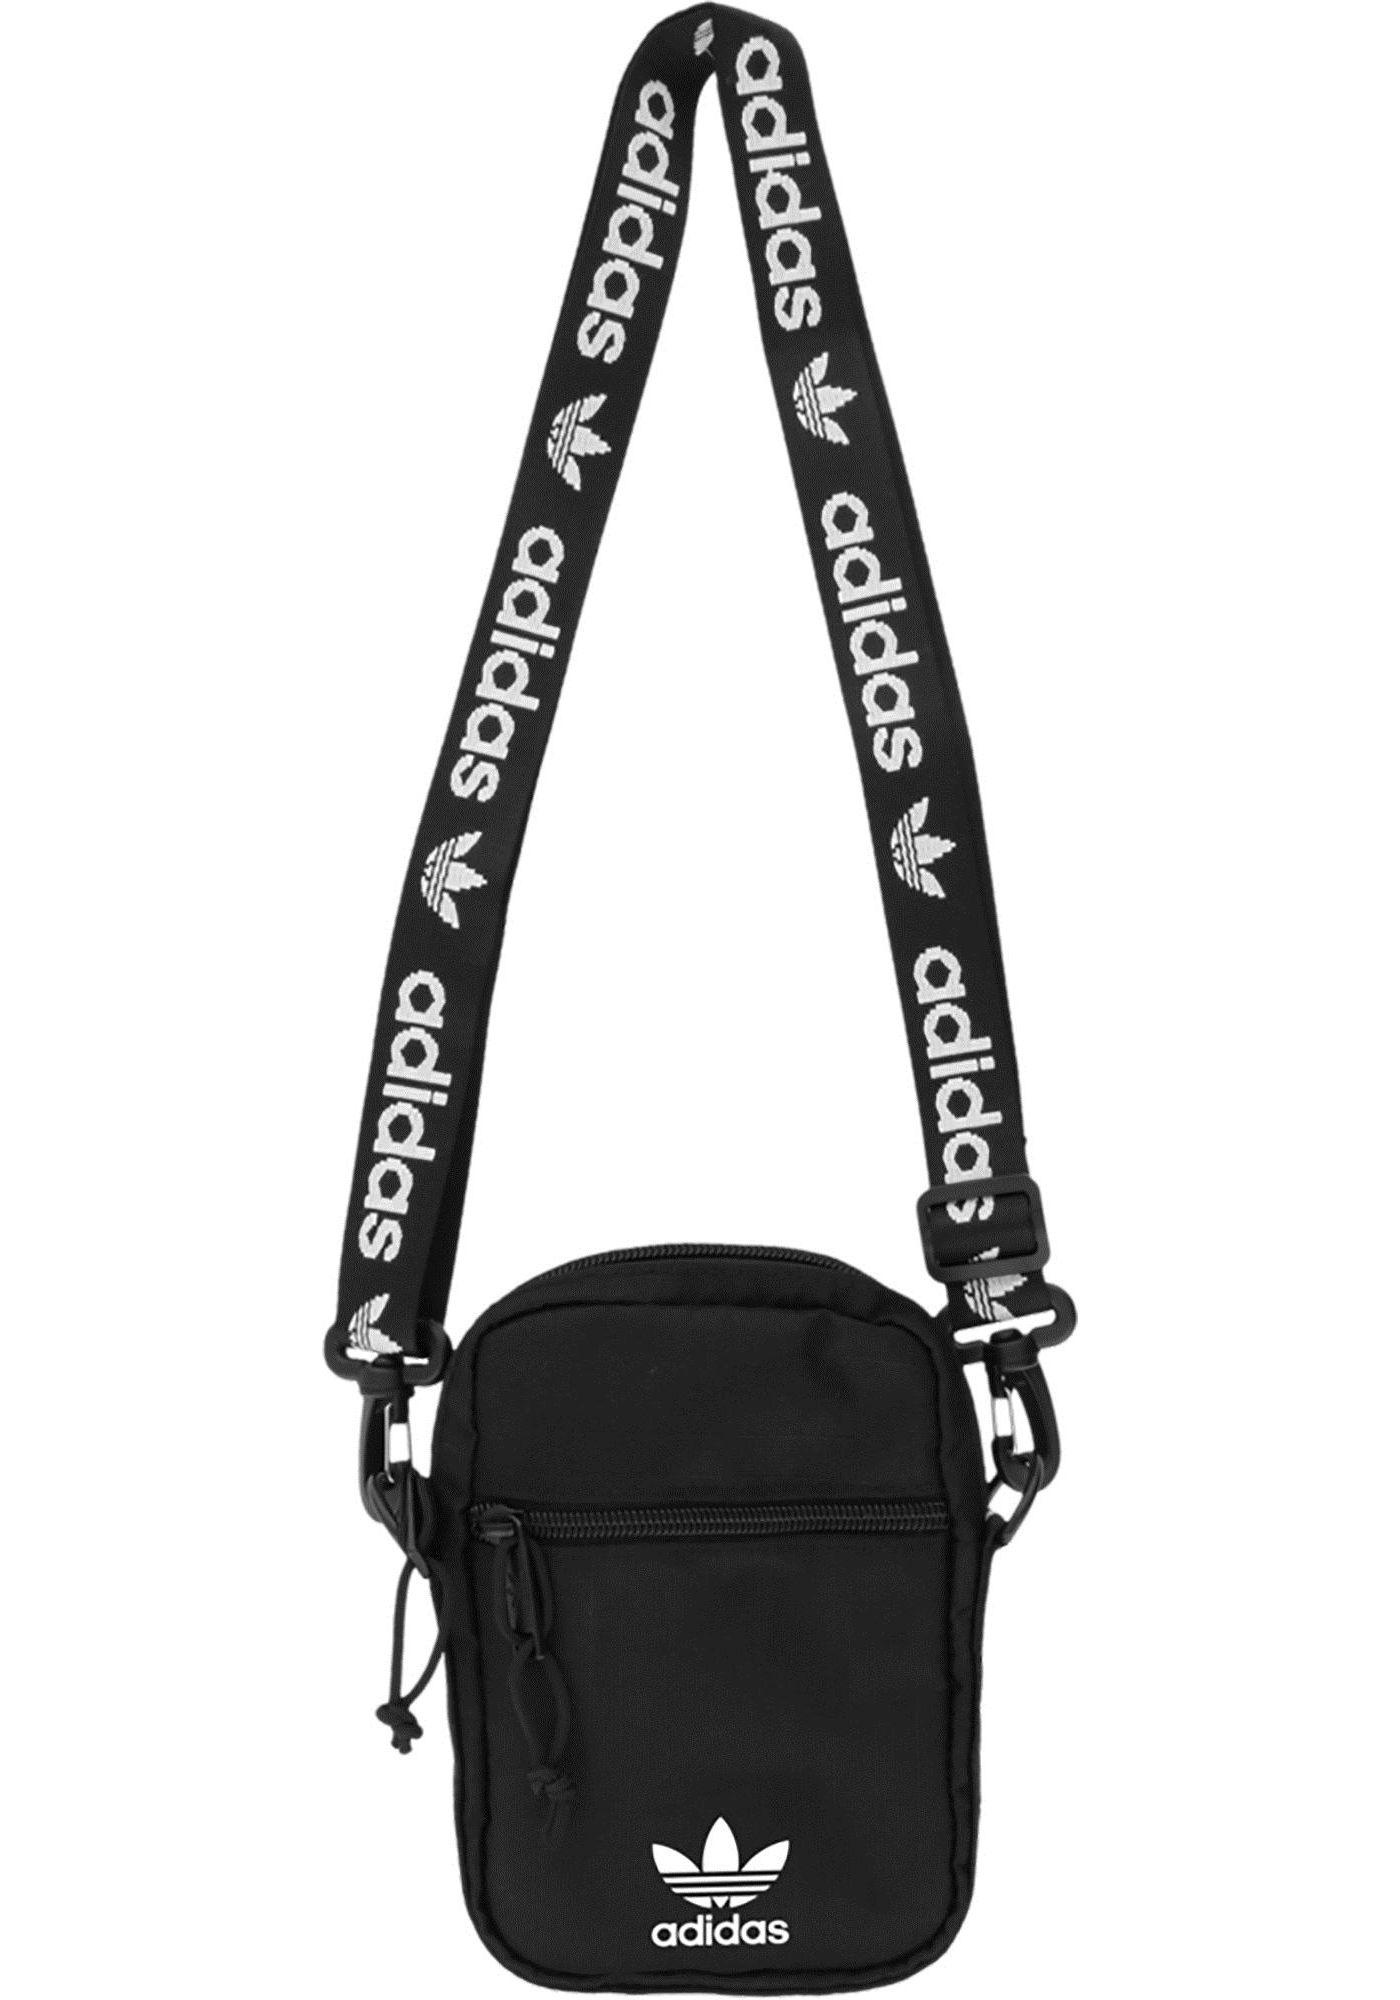 adidas Original Festival Crossbody Bag